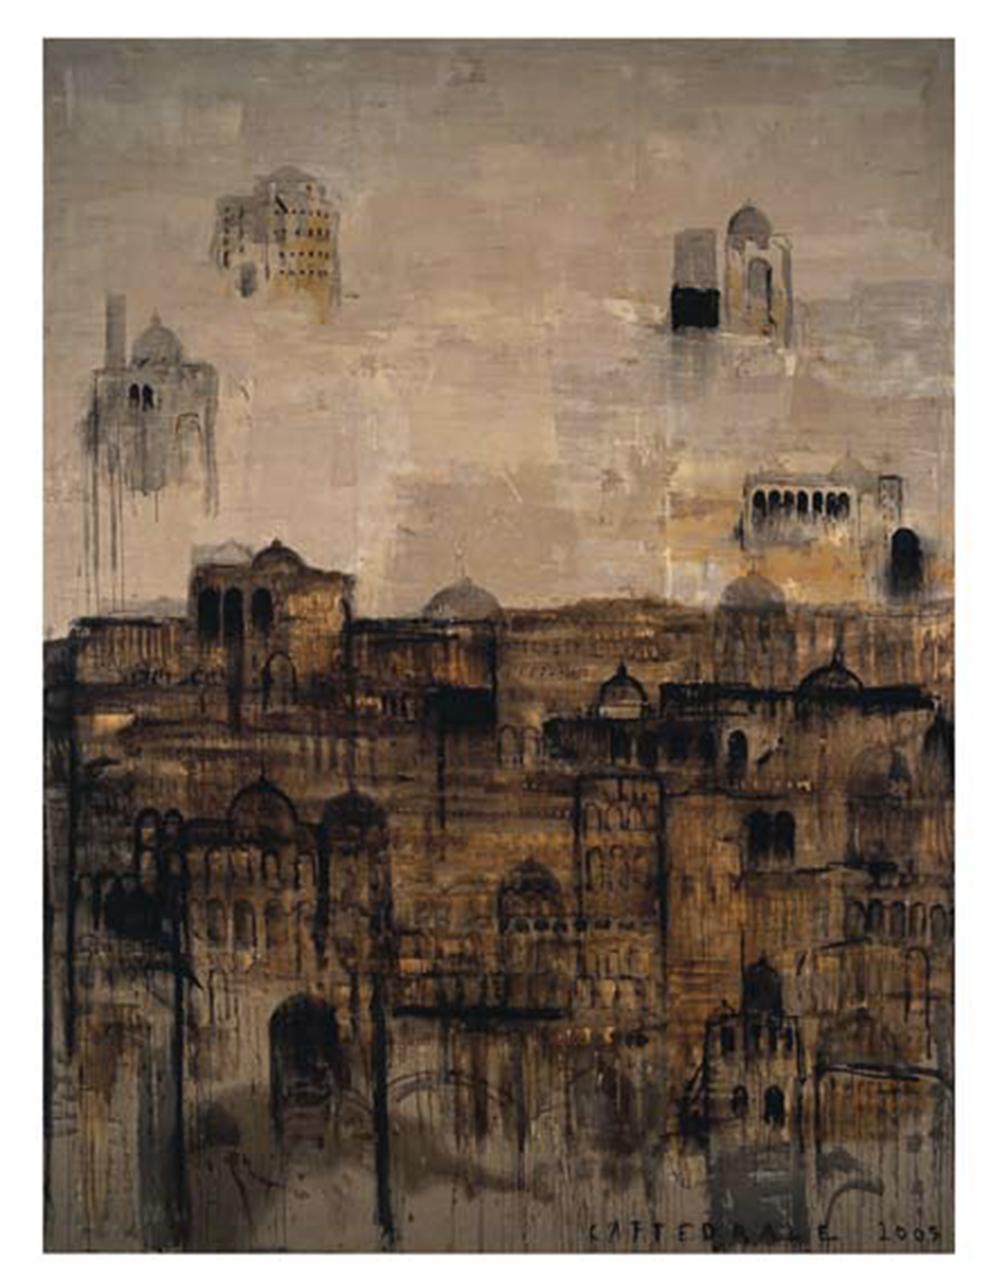 Cattedrale, 2004, olio su tela, cm 400x290 - Collez. Carisbo S. Giorgio in Poggiale, Bologna